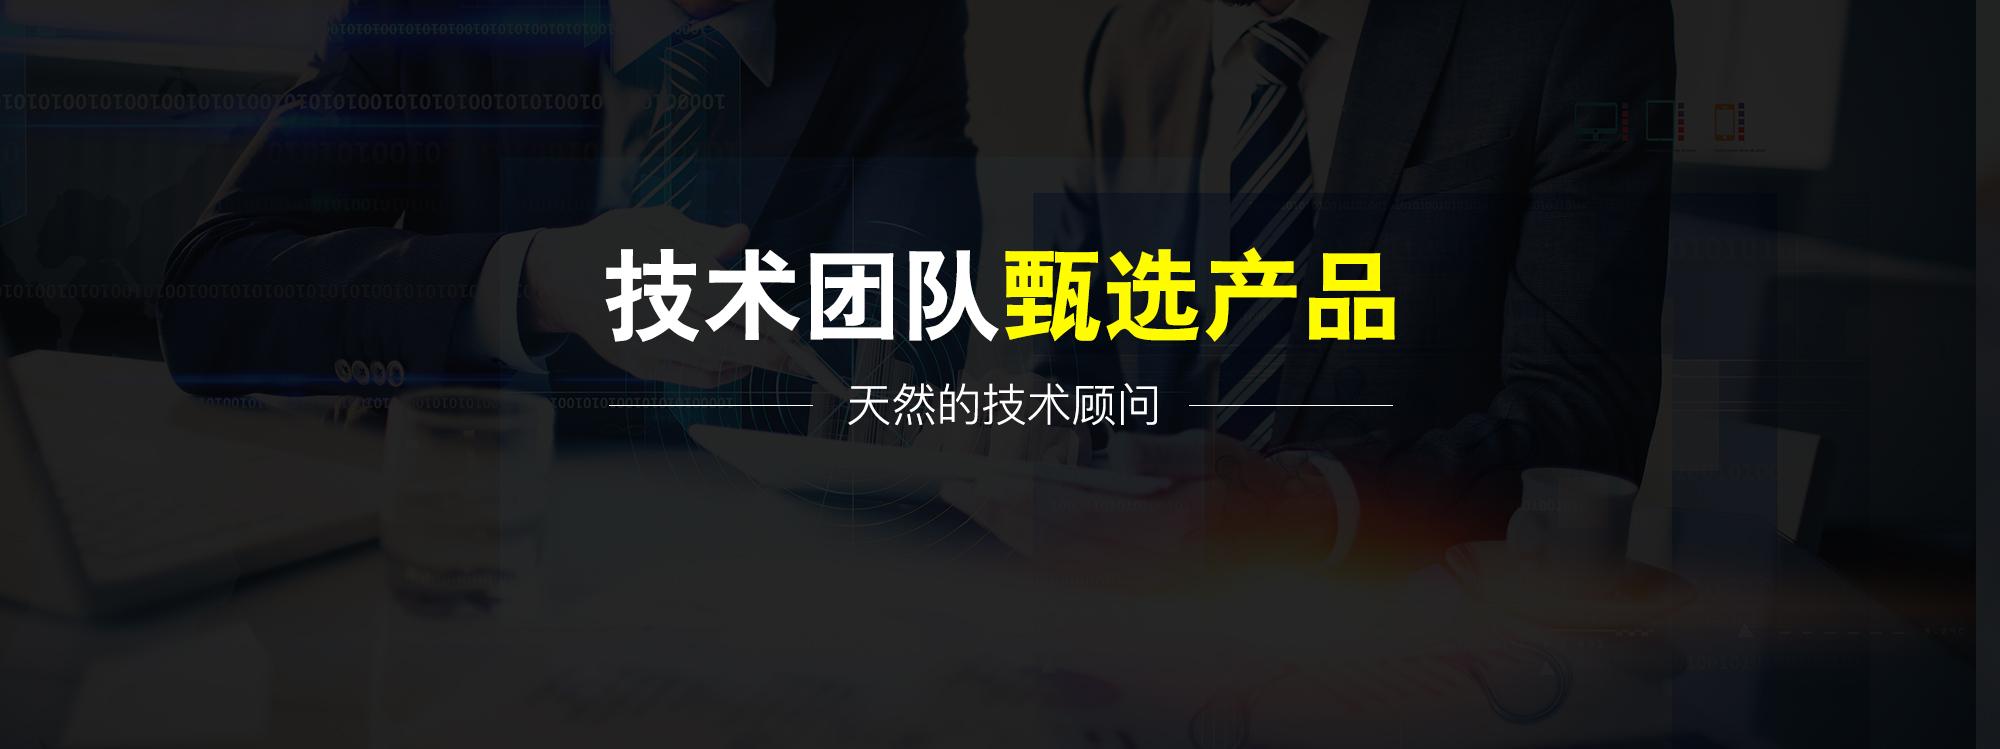 玖佰云市场 技术团队 优选产品